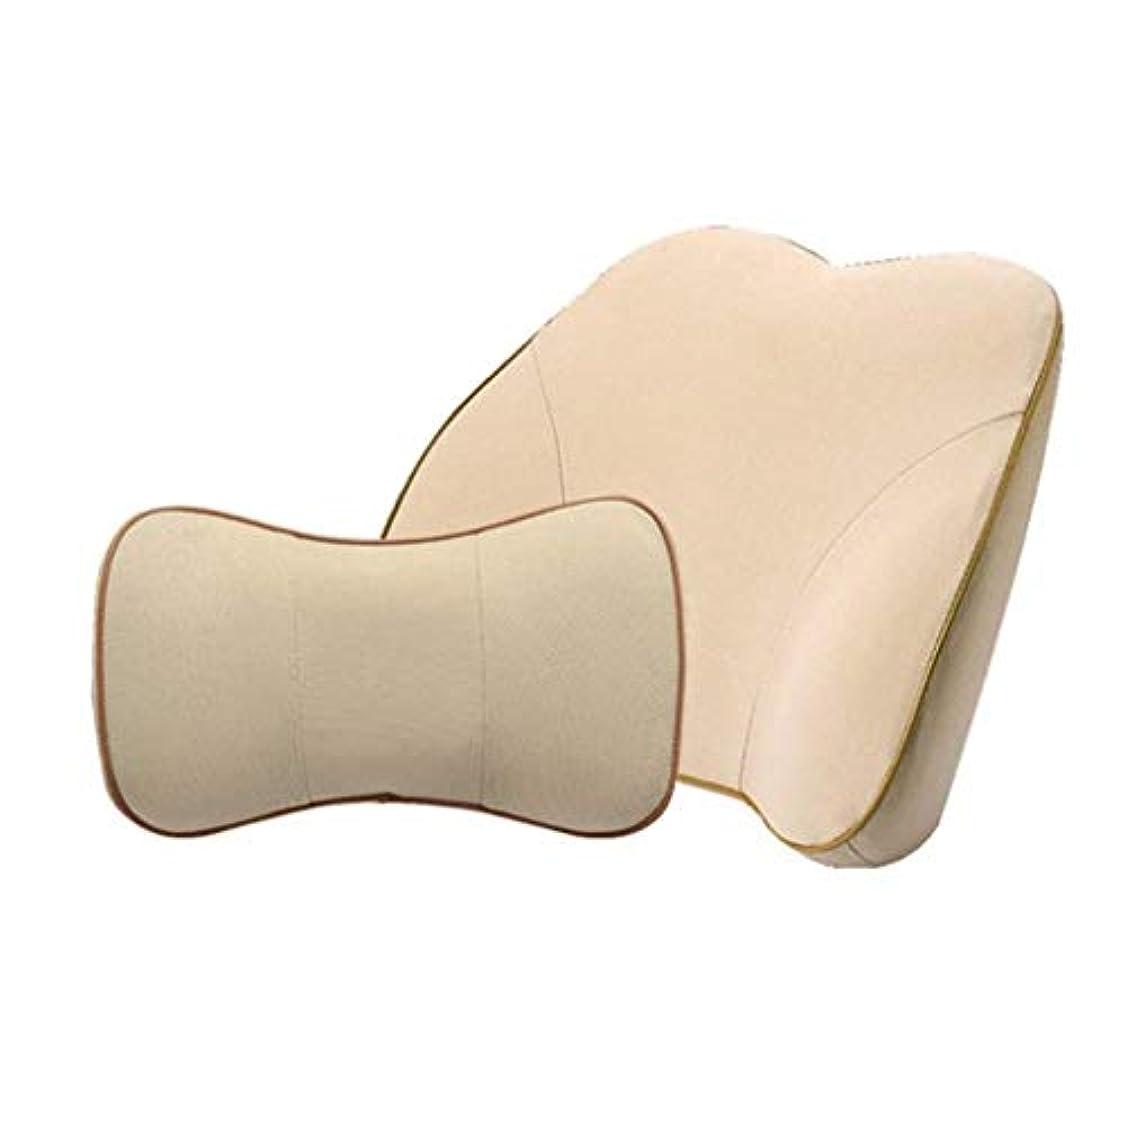 宇宙活気づく桃腰椎枕と首の枕 - - メモリコットンネックウエストクッション、車のインテリア、人間工学に基づいたオフィスの椅子とトラベルバックピロー、腰と首の疲労と痛みを和らげ、予防する (Color : Beige)